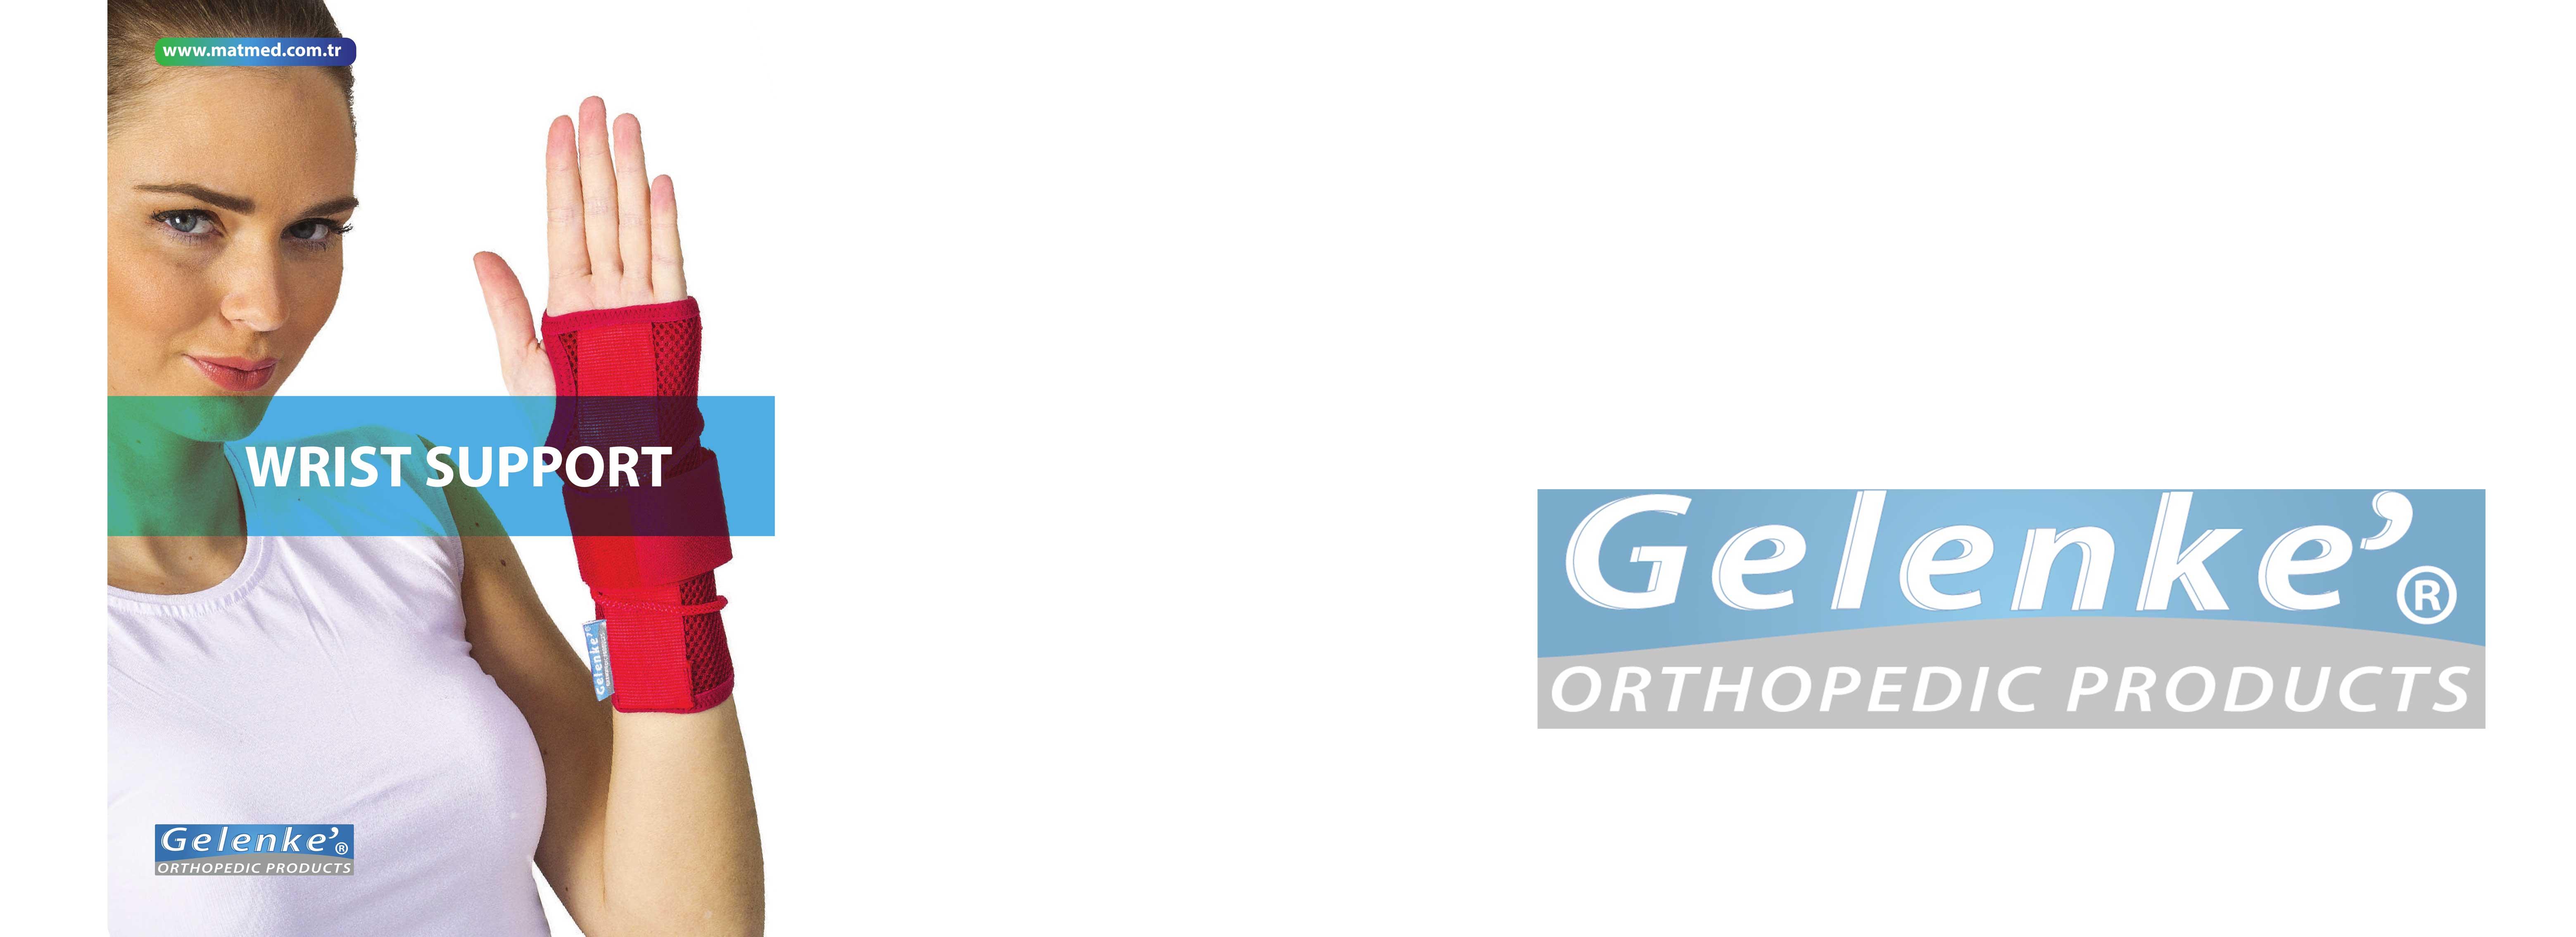 Gelenke-Slider-5-Wrist-Support